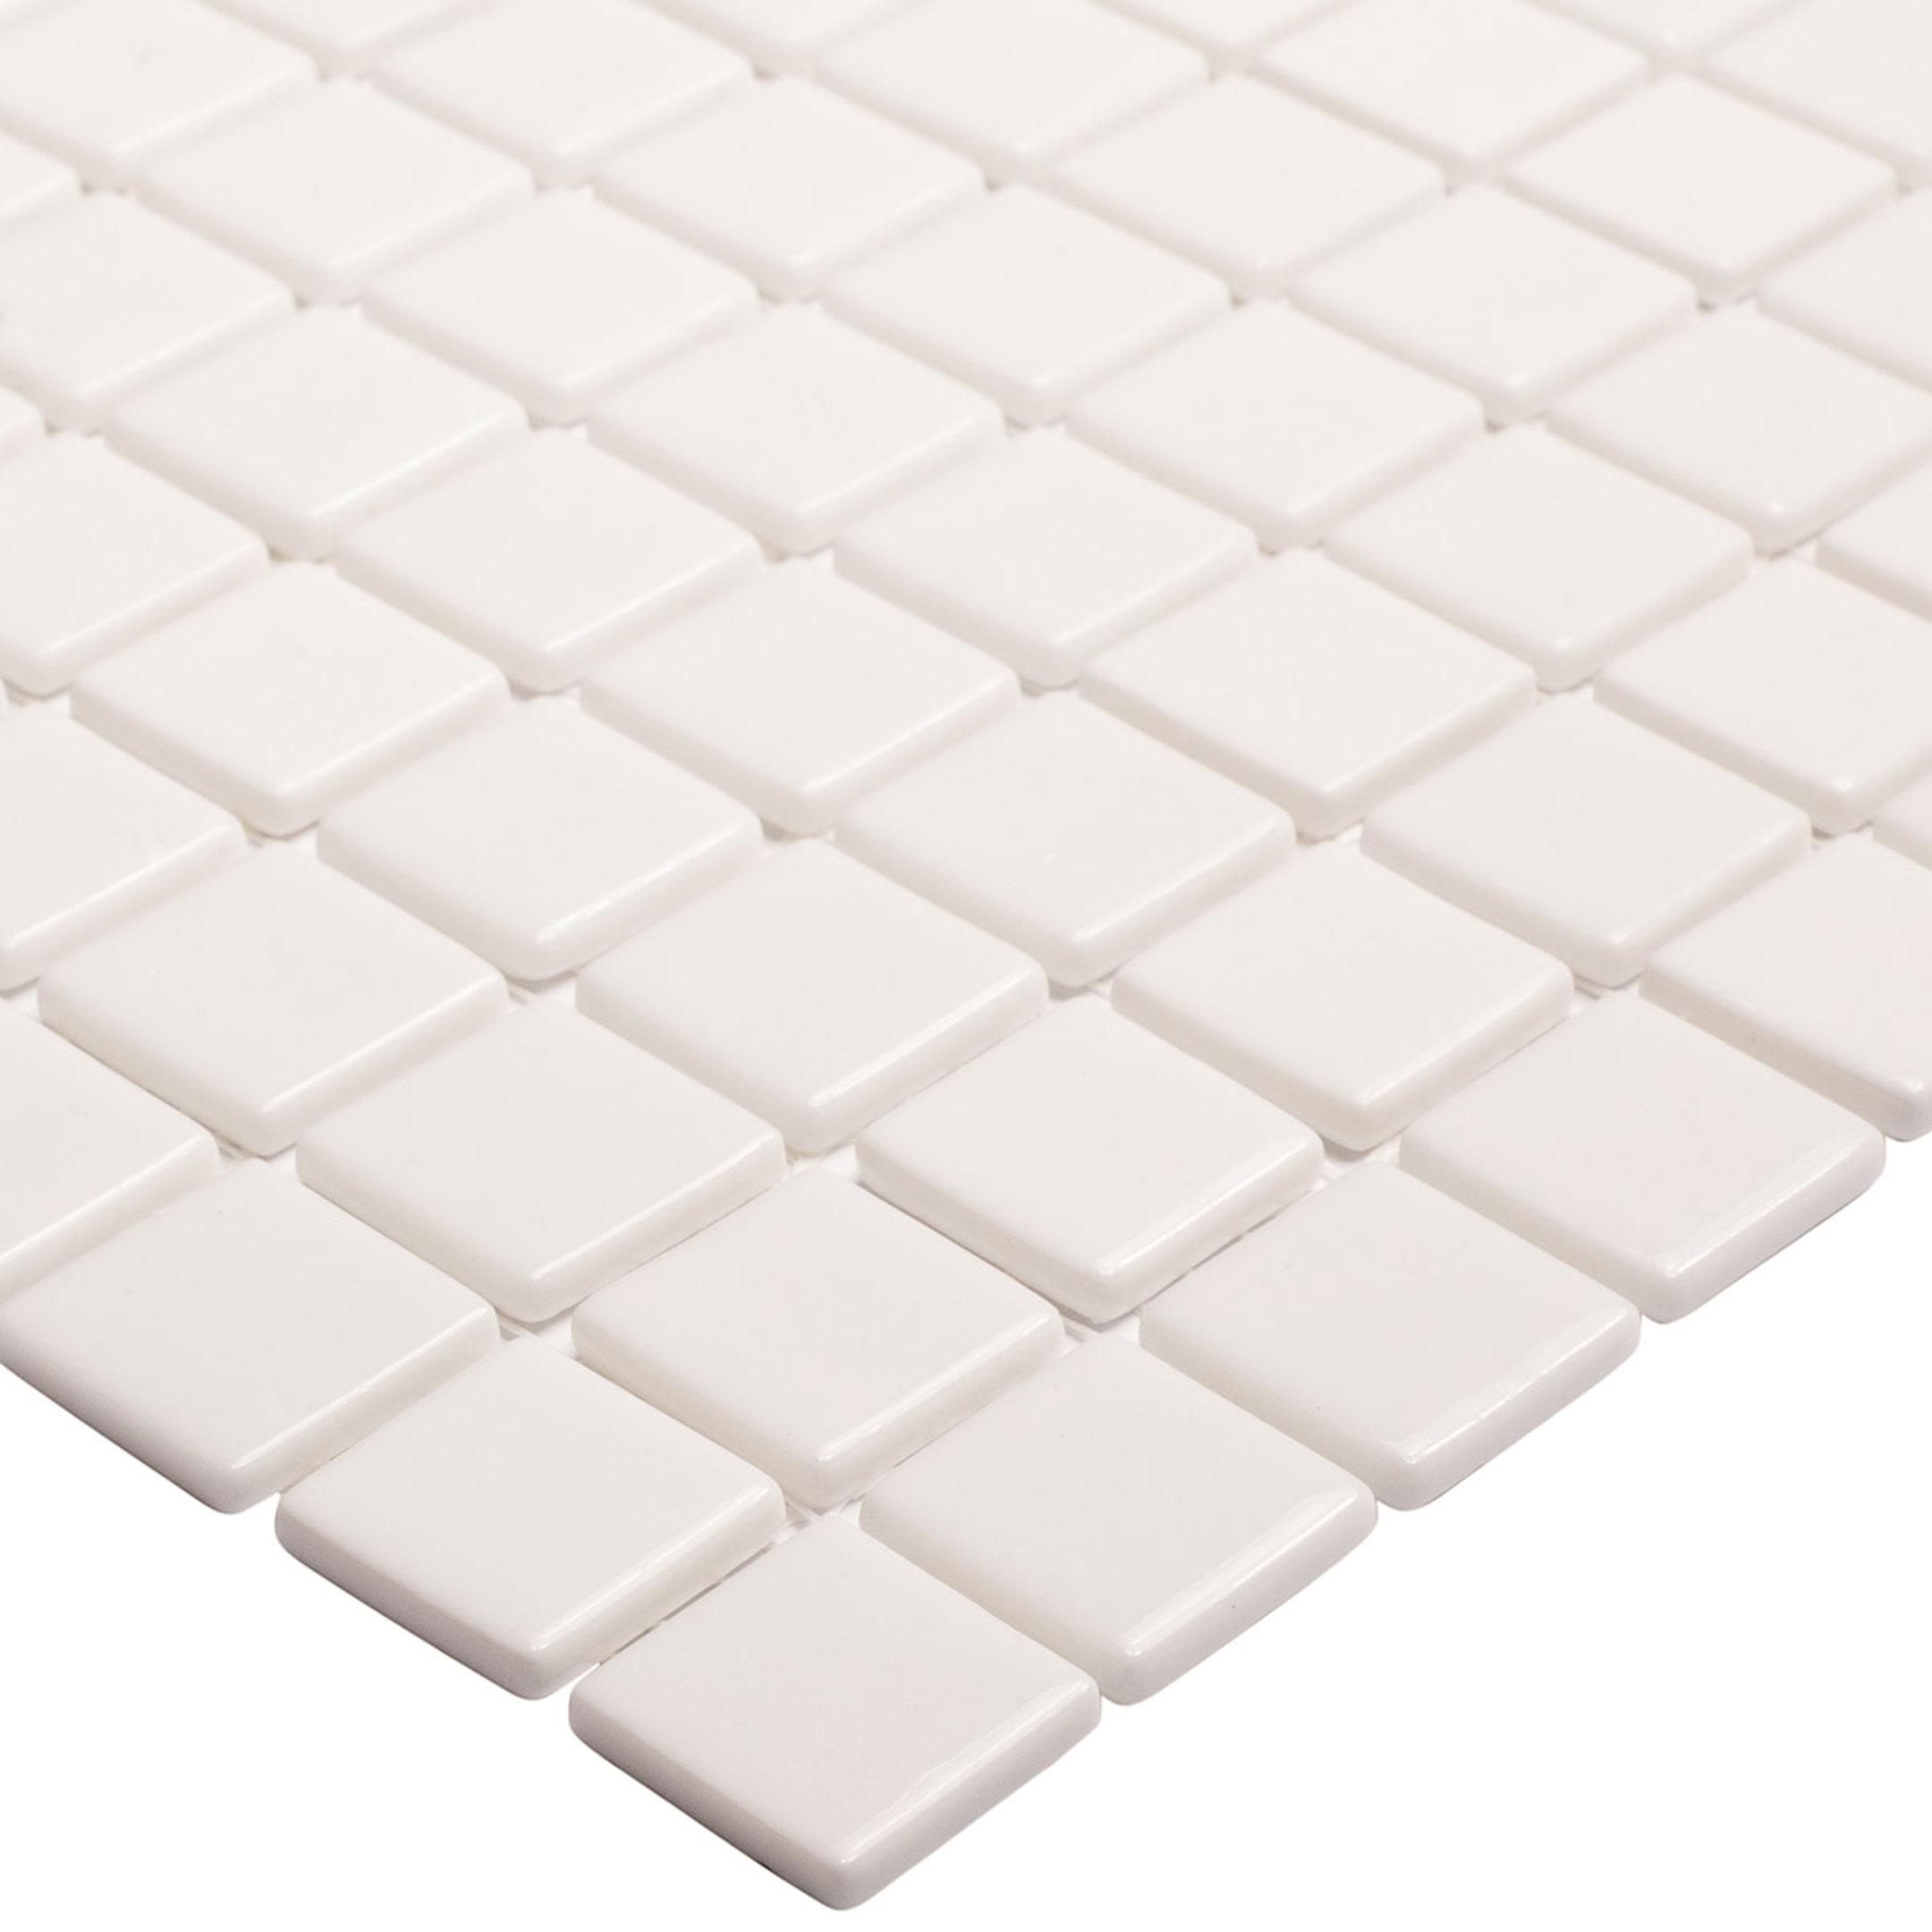 Мозаика Vidrepur Colors 100 белая стеклянная 317х317х4 мм глянцевая